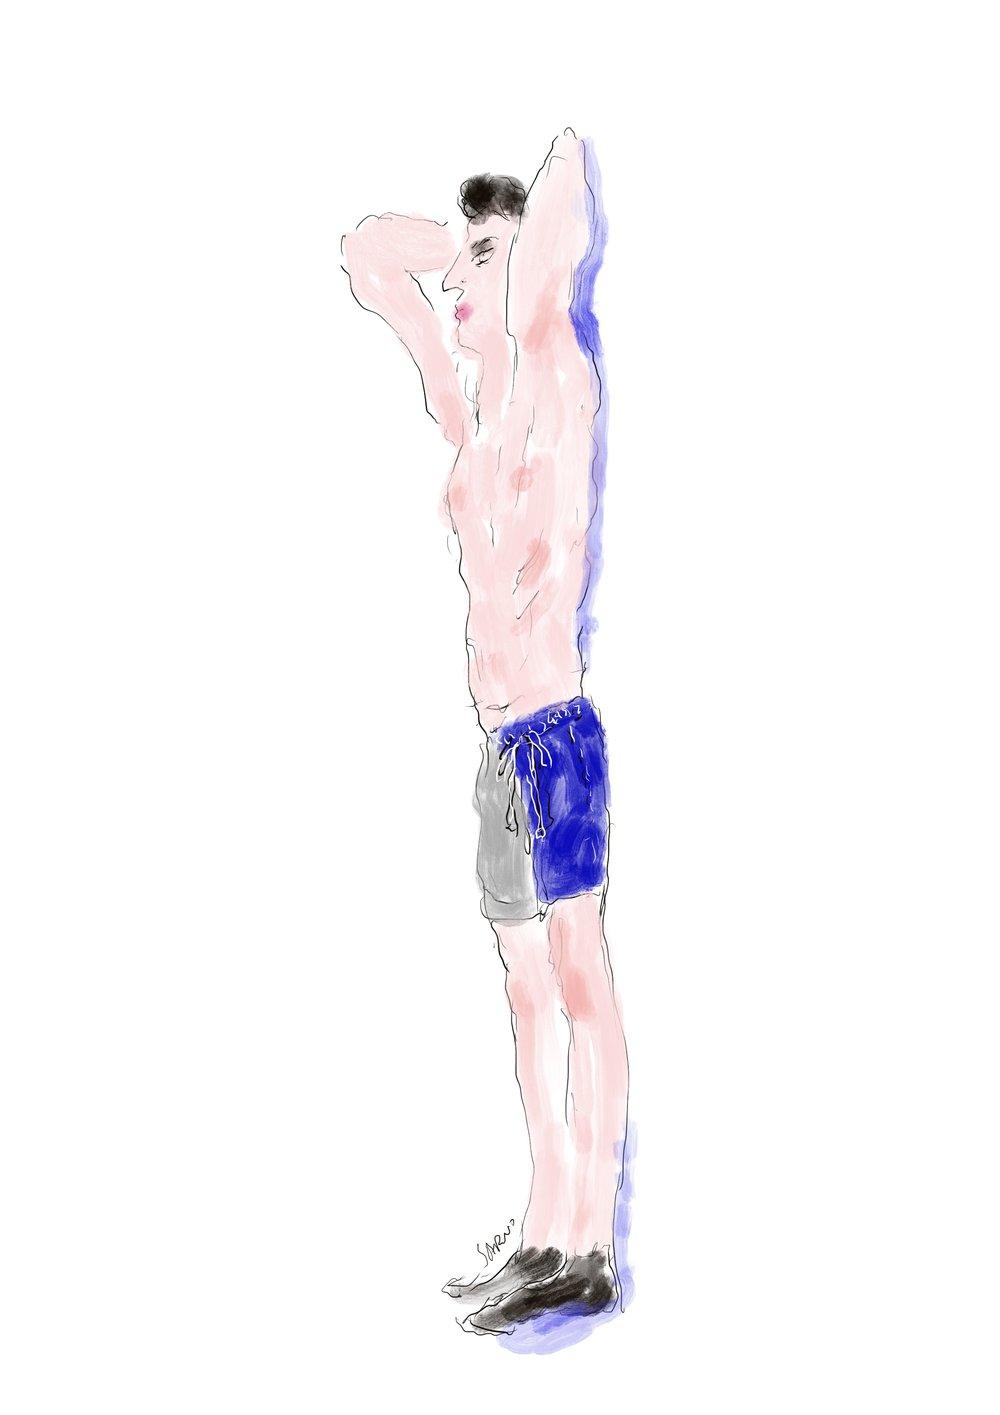 JarnoK_illustrations_EIFW19-3.jpg